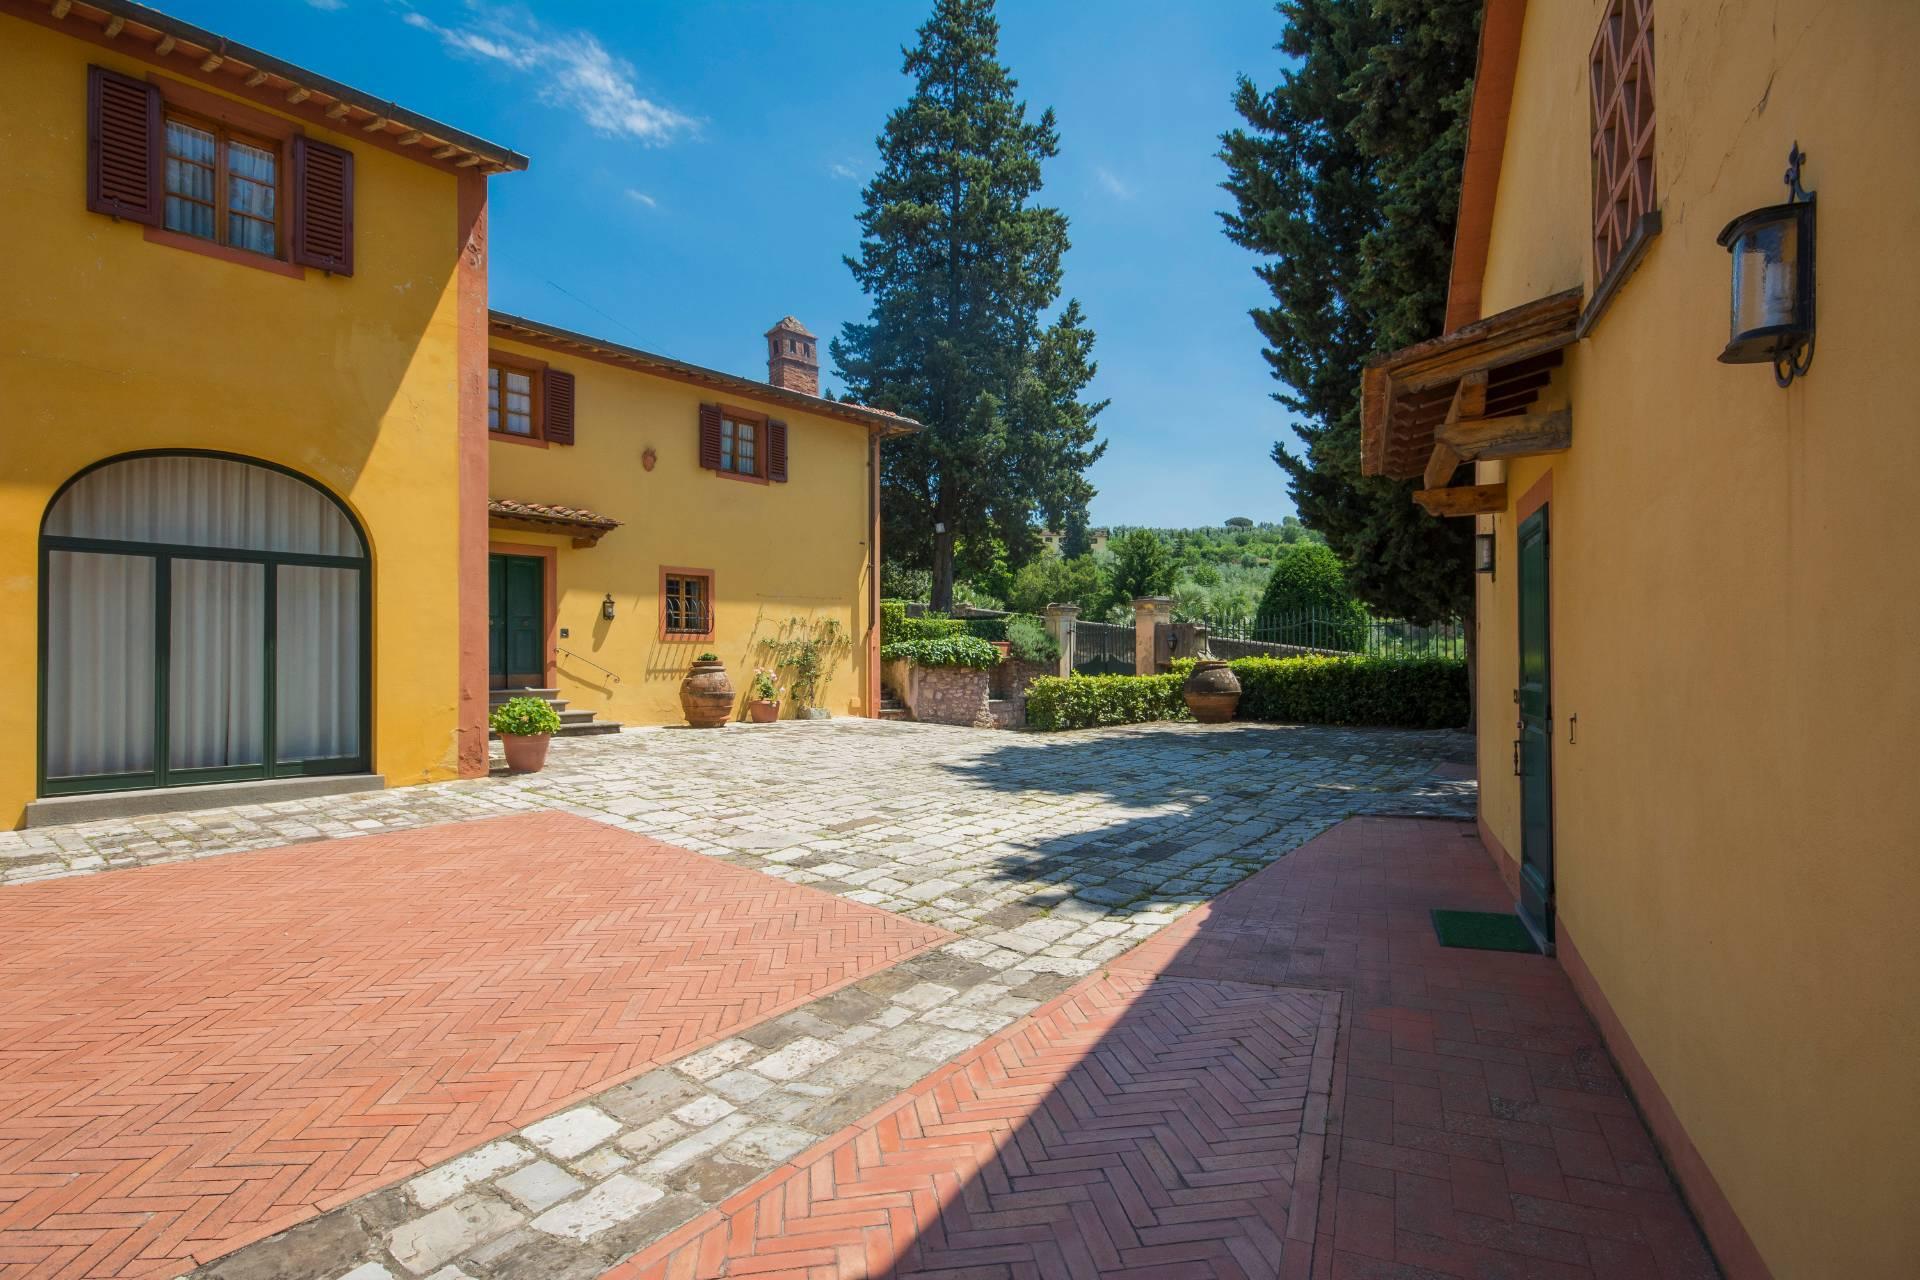 Villa storica con vista su Firenze - 1